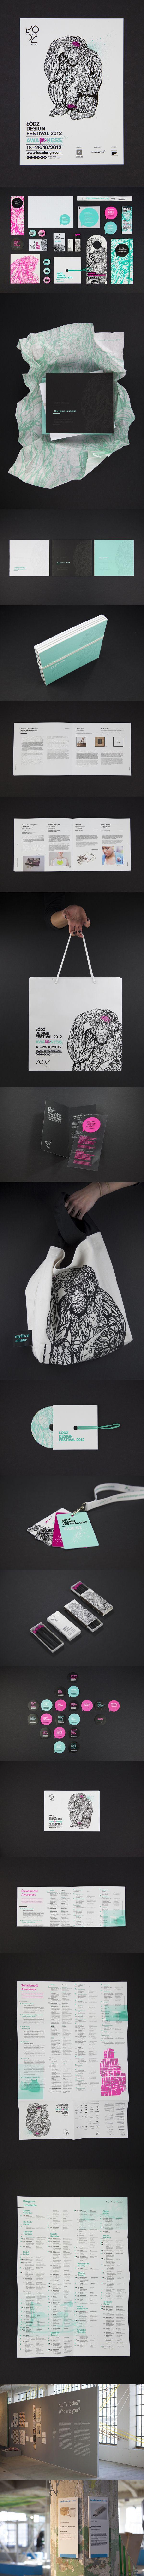 Lodz Design Festival #illustration #identity #packaging #branding PD